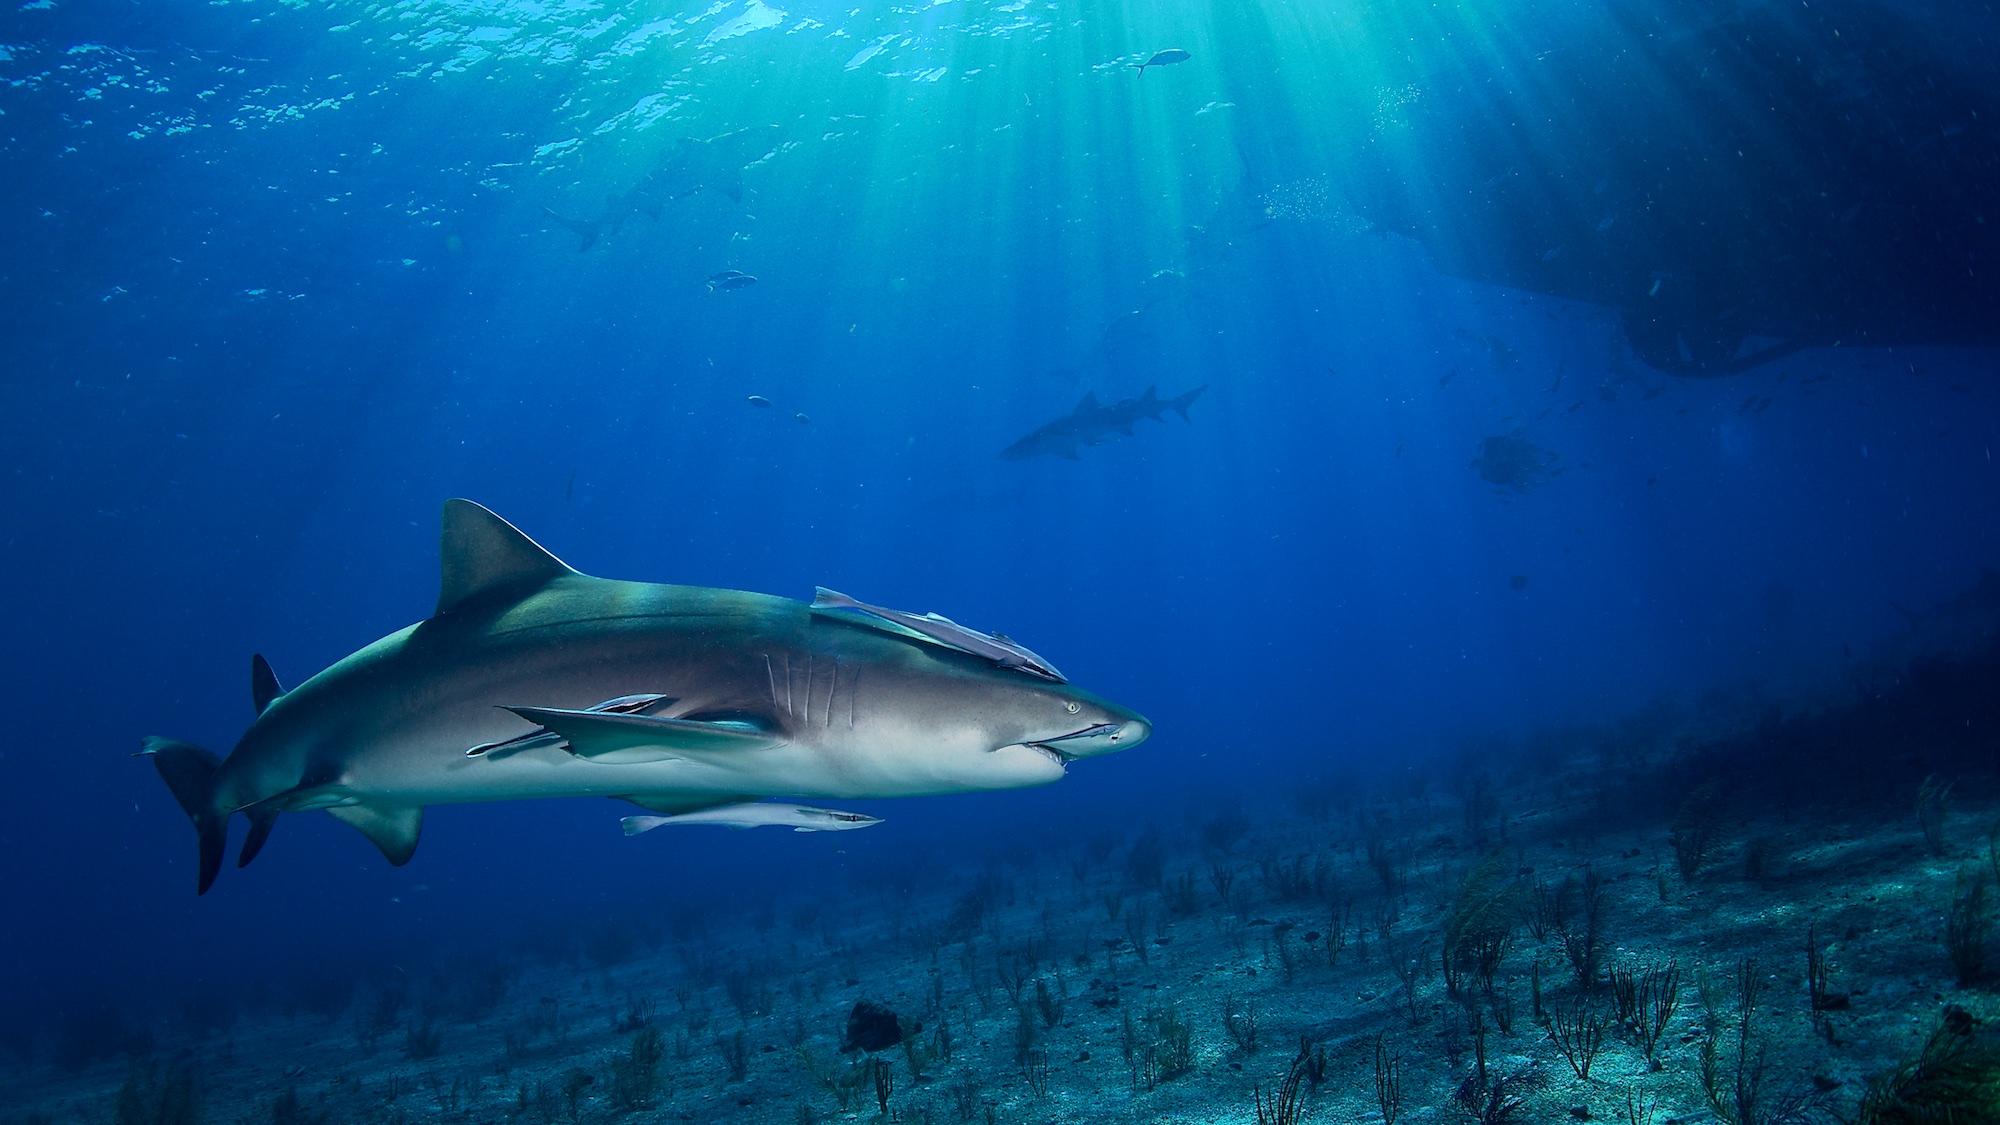 Lemon shark in crepuscular rays of light